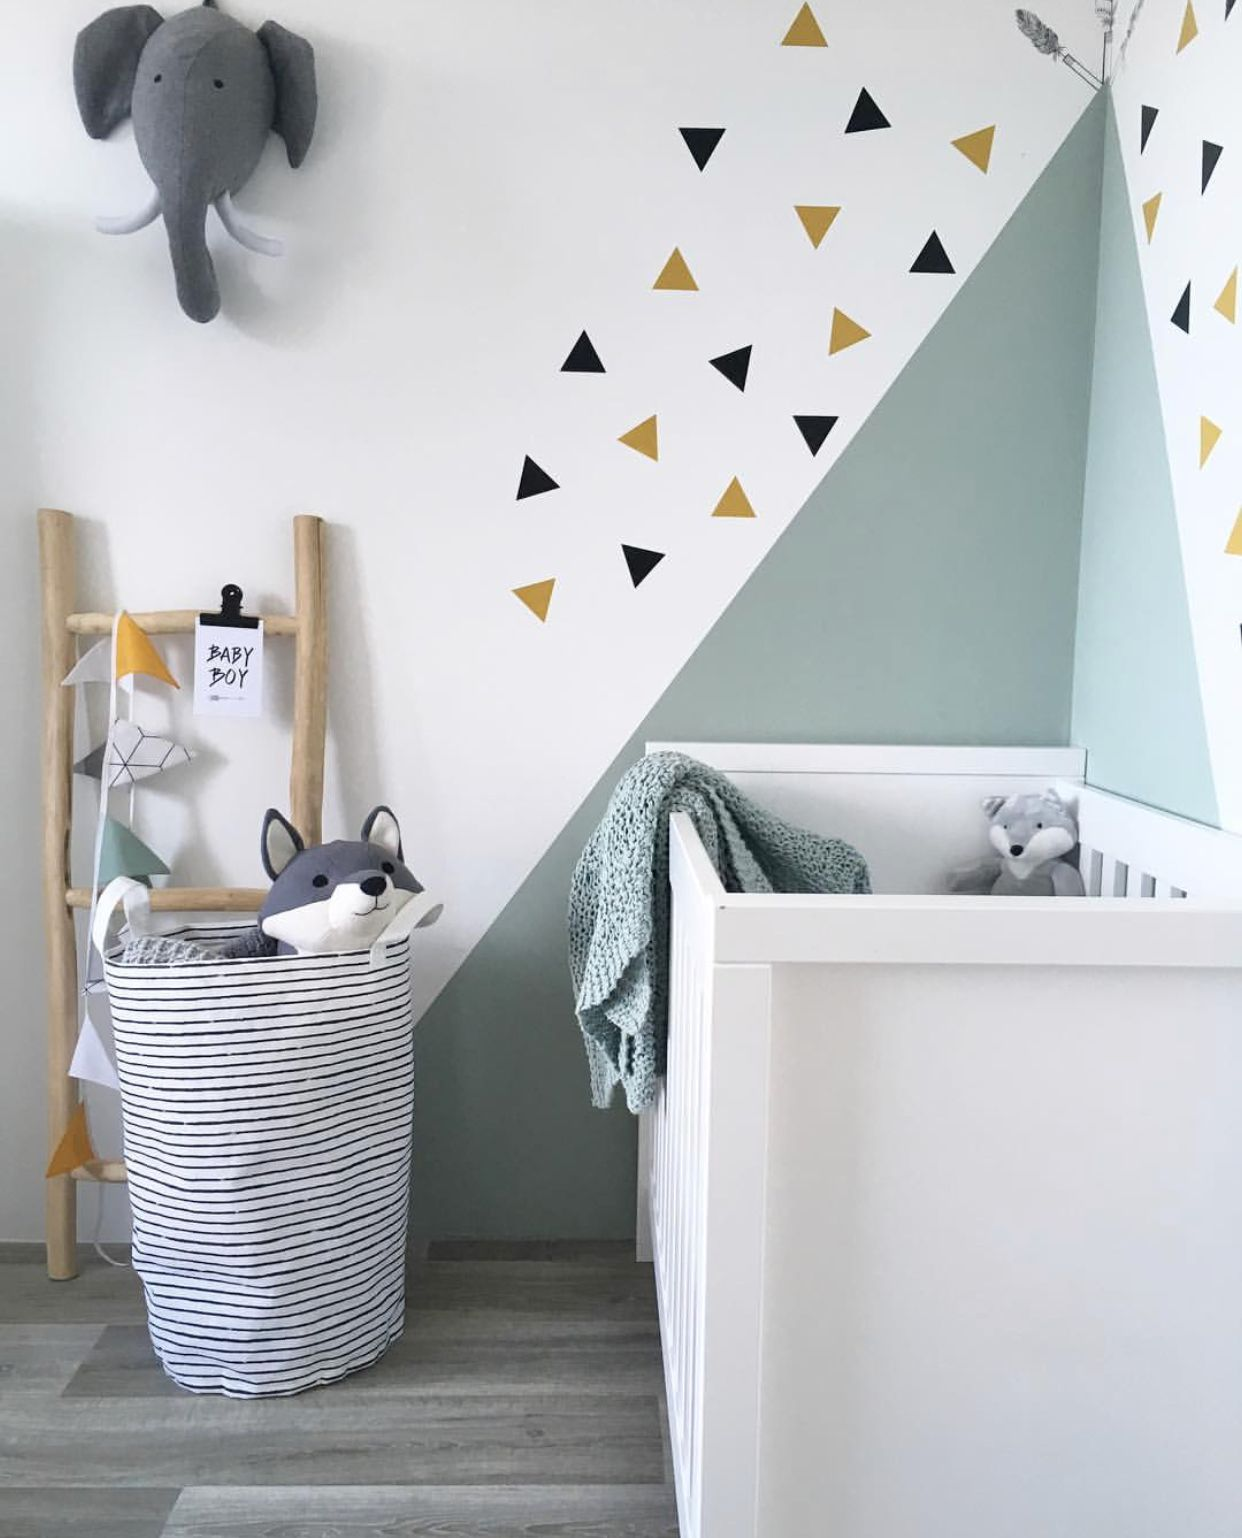 Kinderzimmer wandfarbe pin von anja endert auf kinderzimmer  pinterest  kinderzimmer und